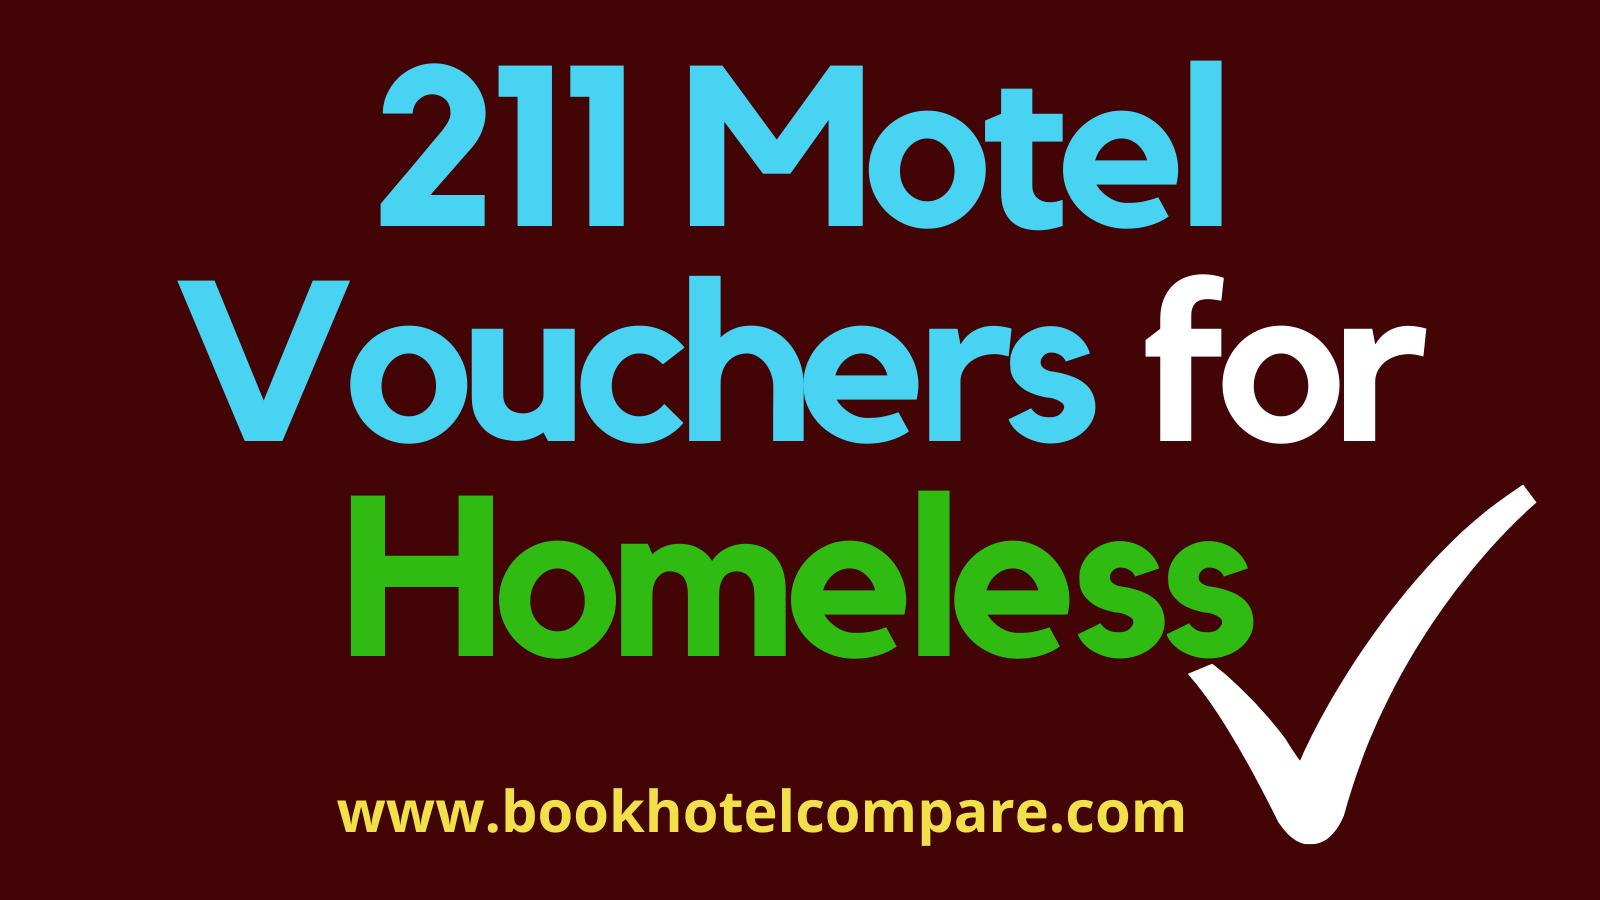 211 Motel Vouchers For Homeless Voucher Homeless Free Hotel